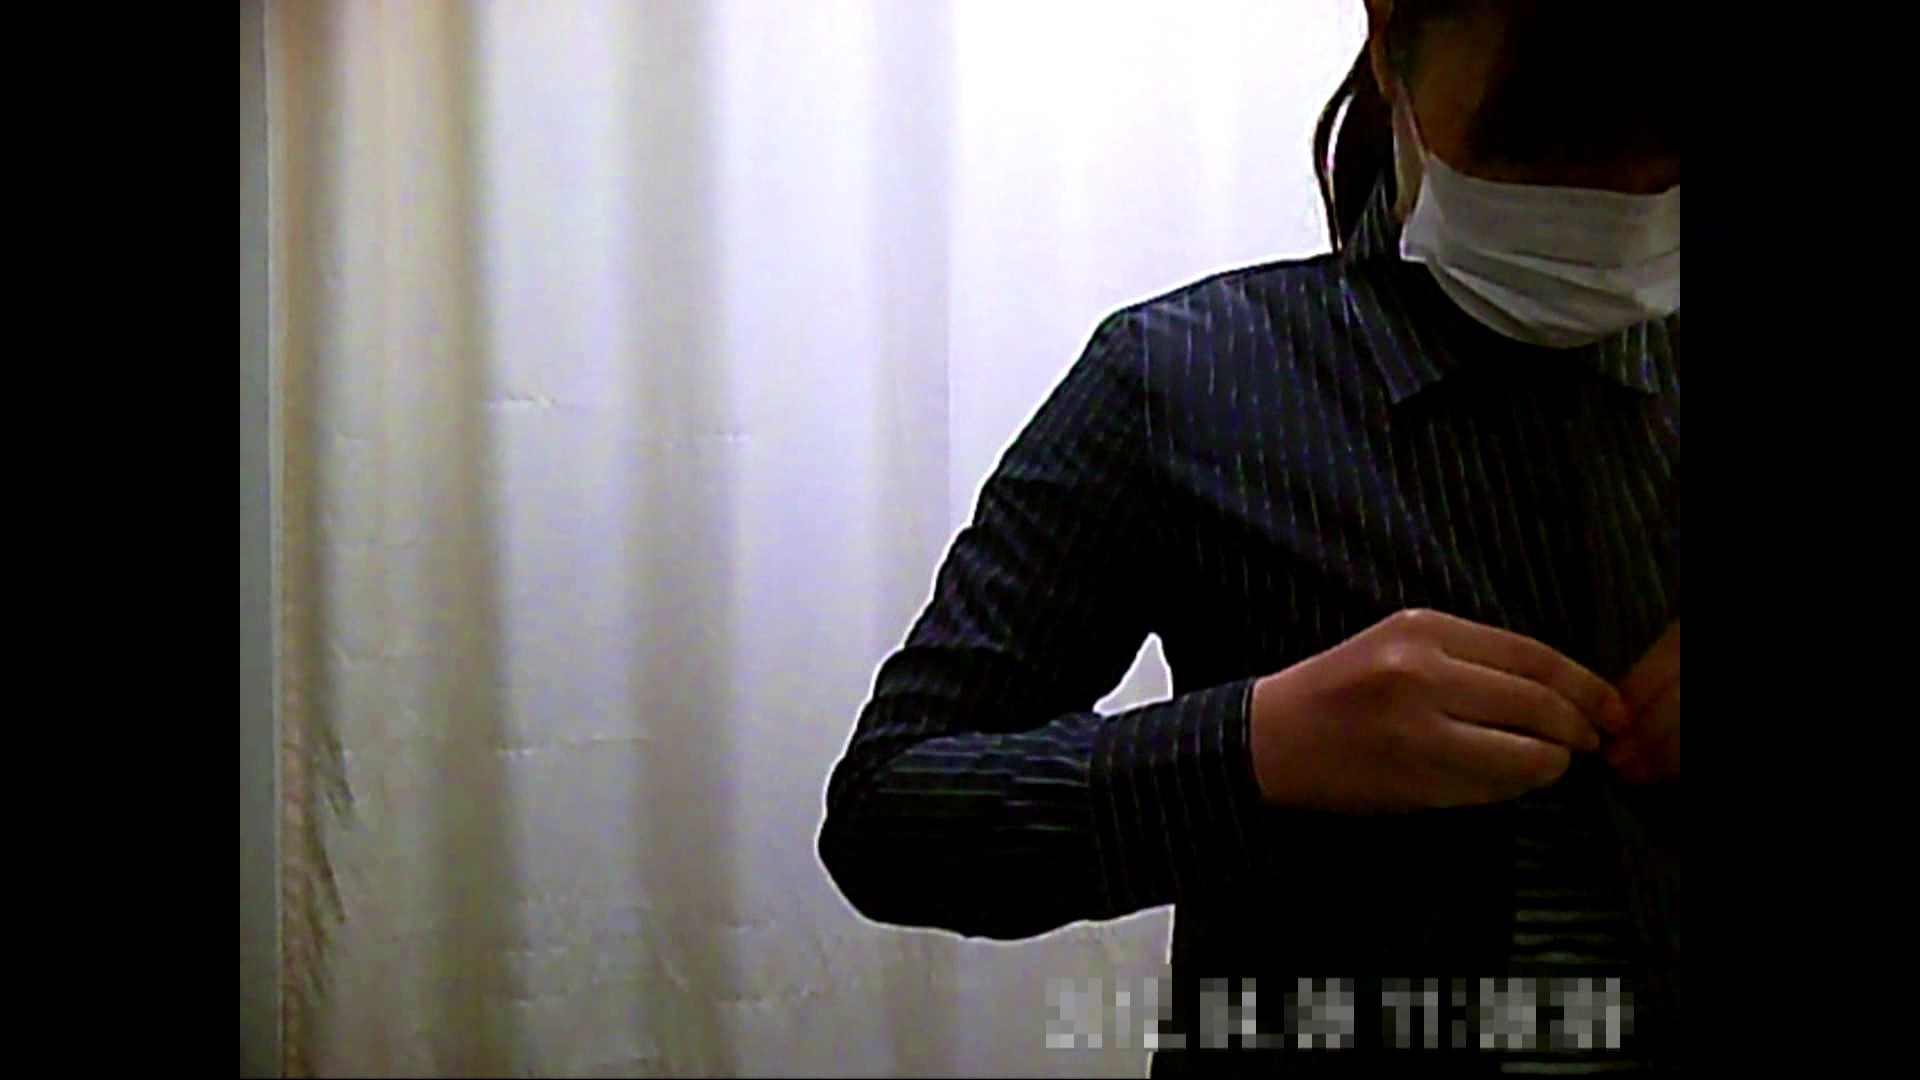 元医者による反抗 更衣室地獄絵巻 vol.020 OL  105pic 23